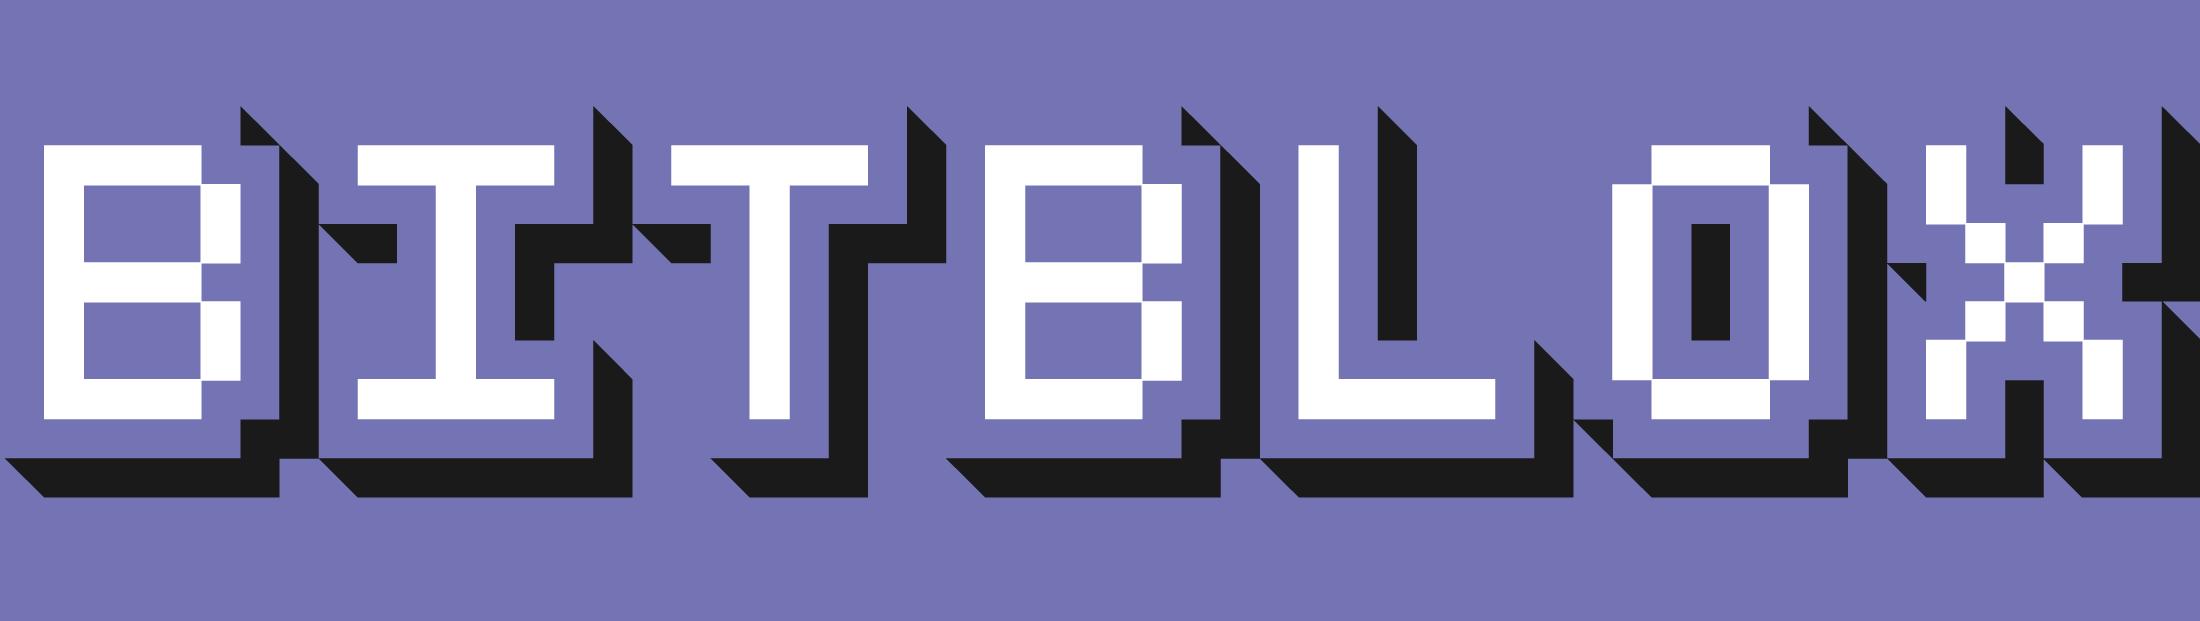 Bitblox Font